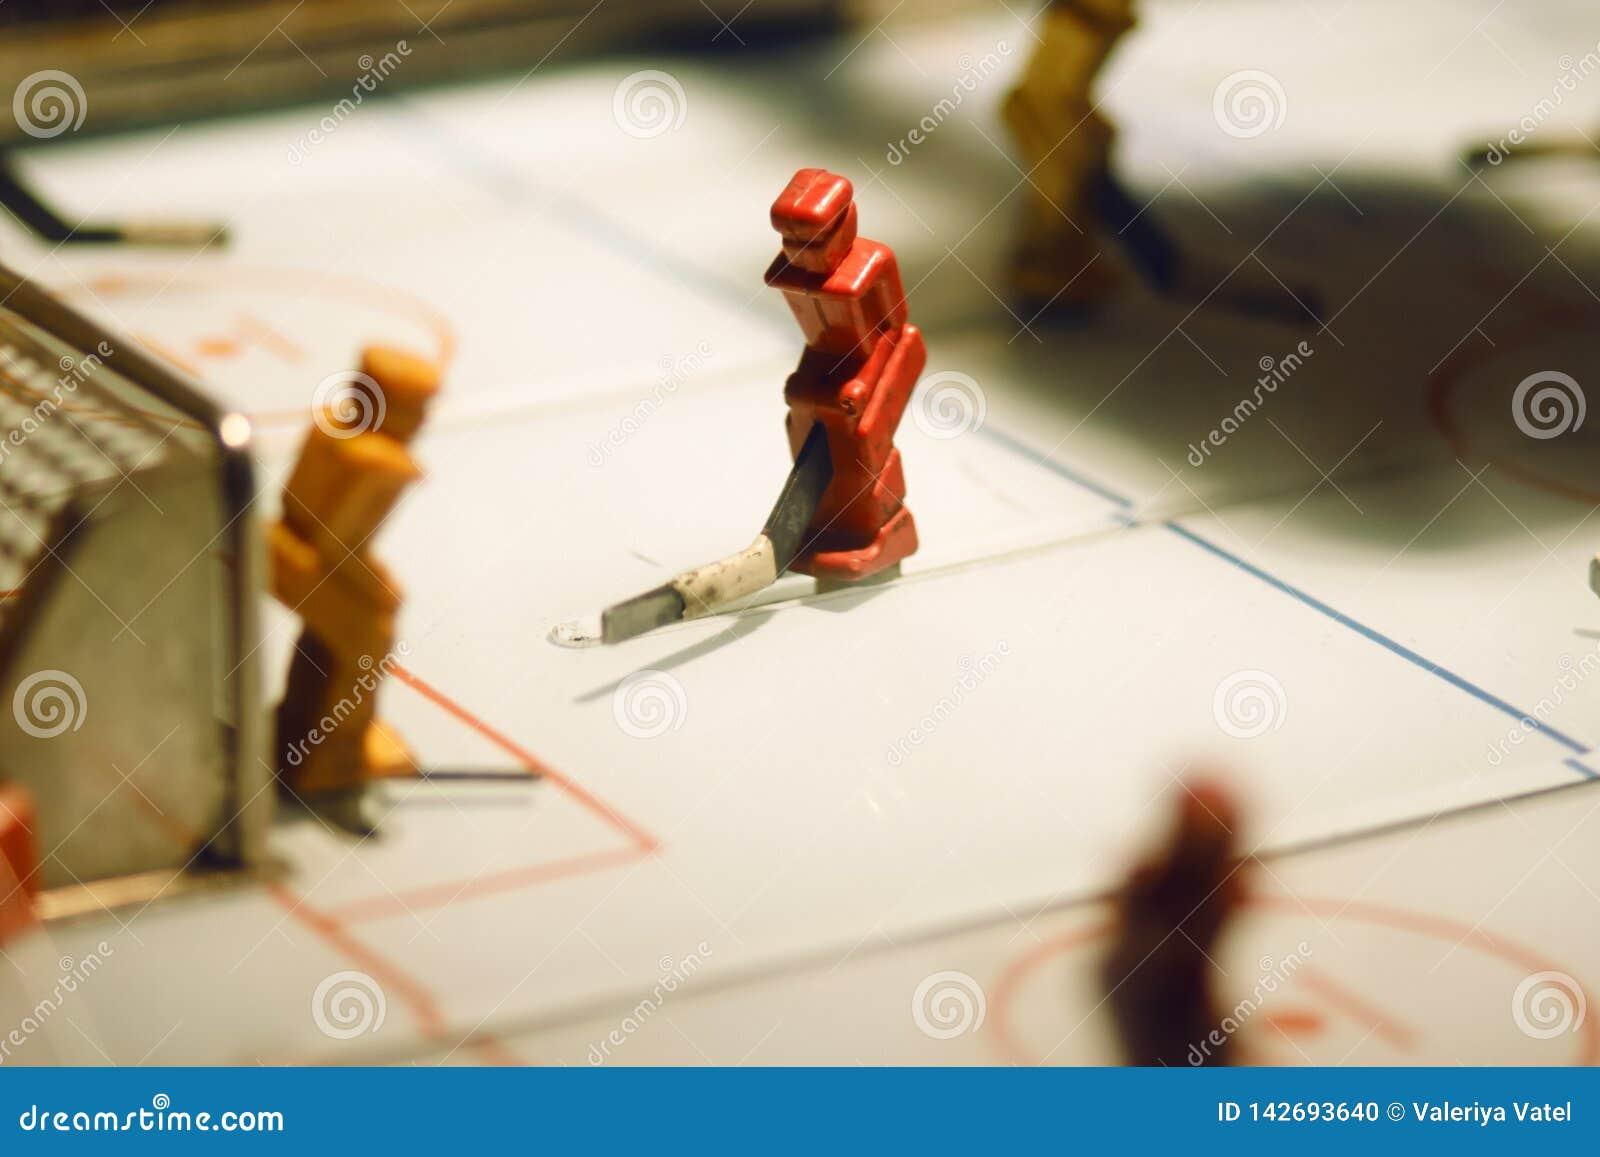 Gesellschaftsspiel mit Zahlen von Hockeyspielern